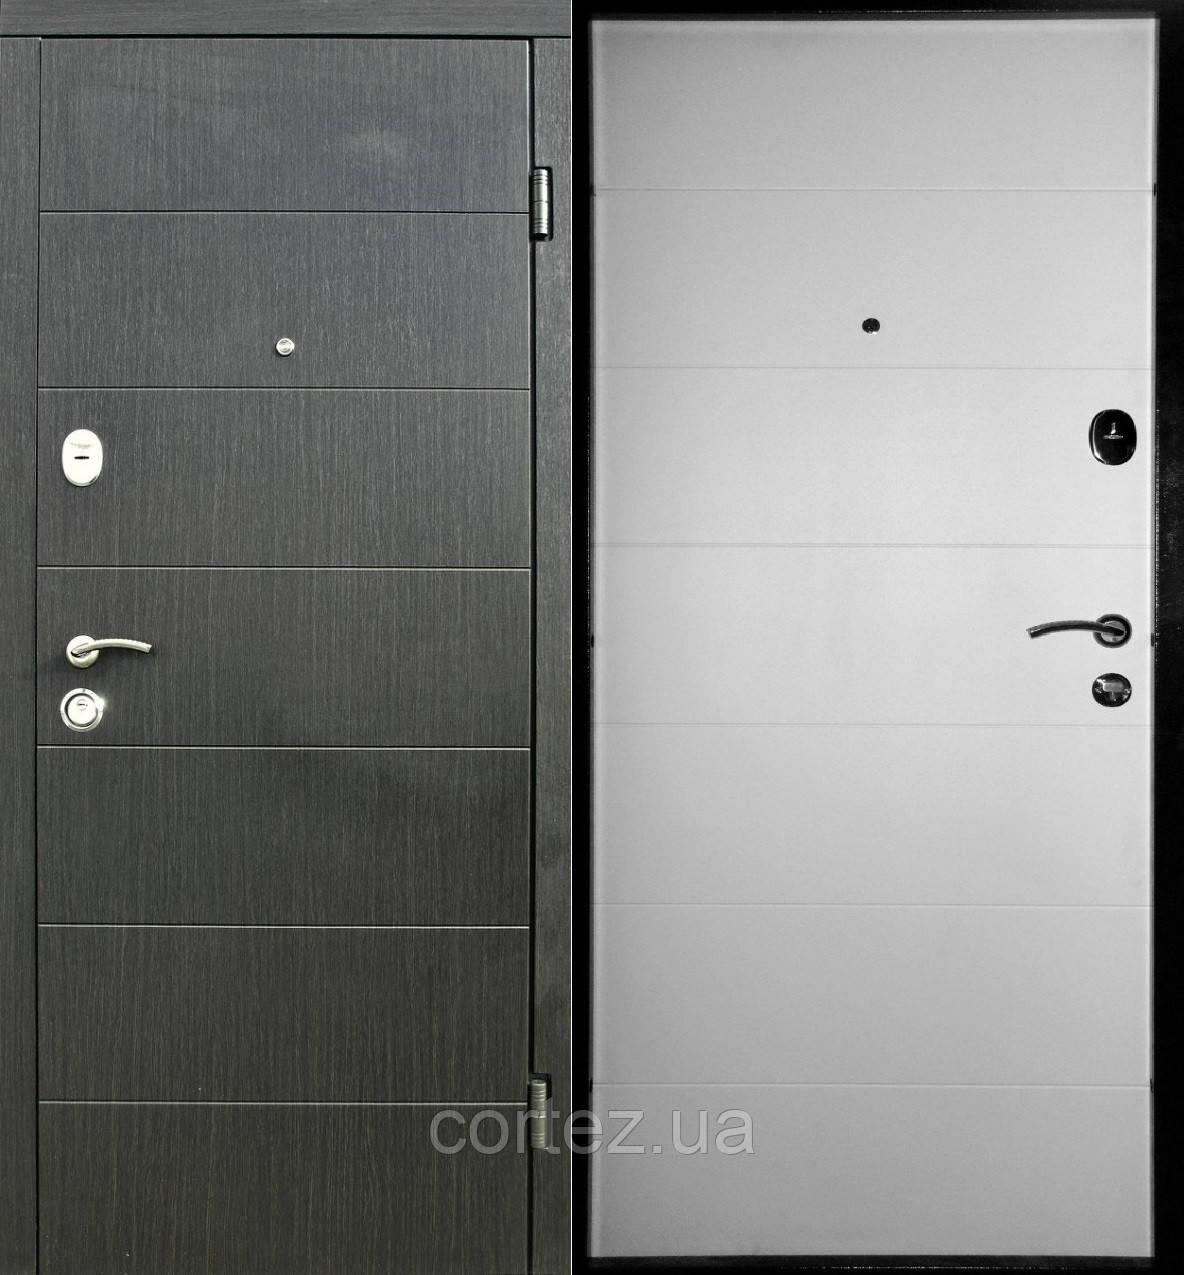 Двери входные Премиум+207 полотно 86 мм